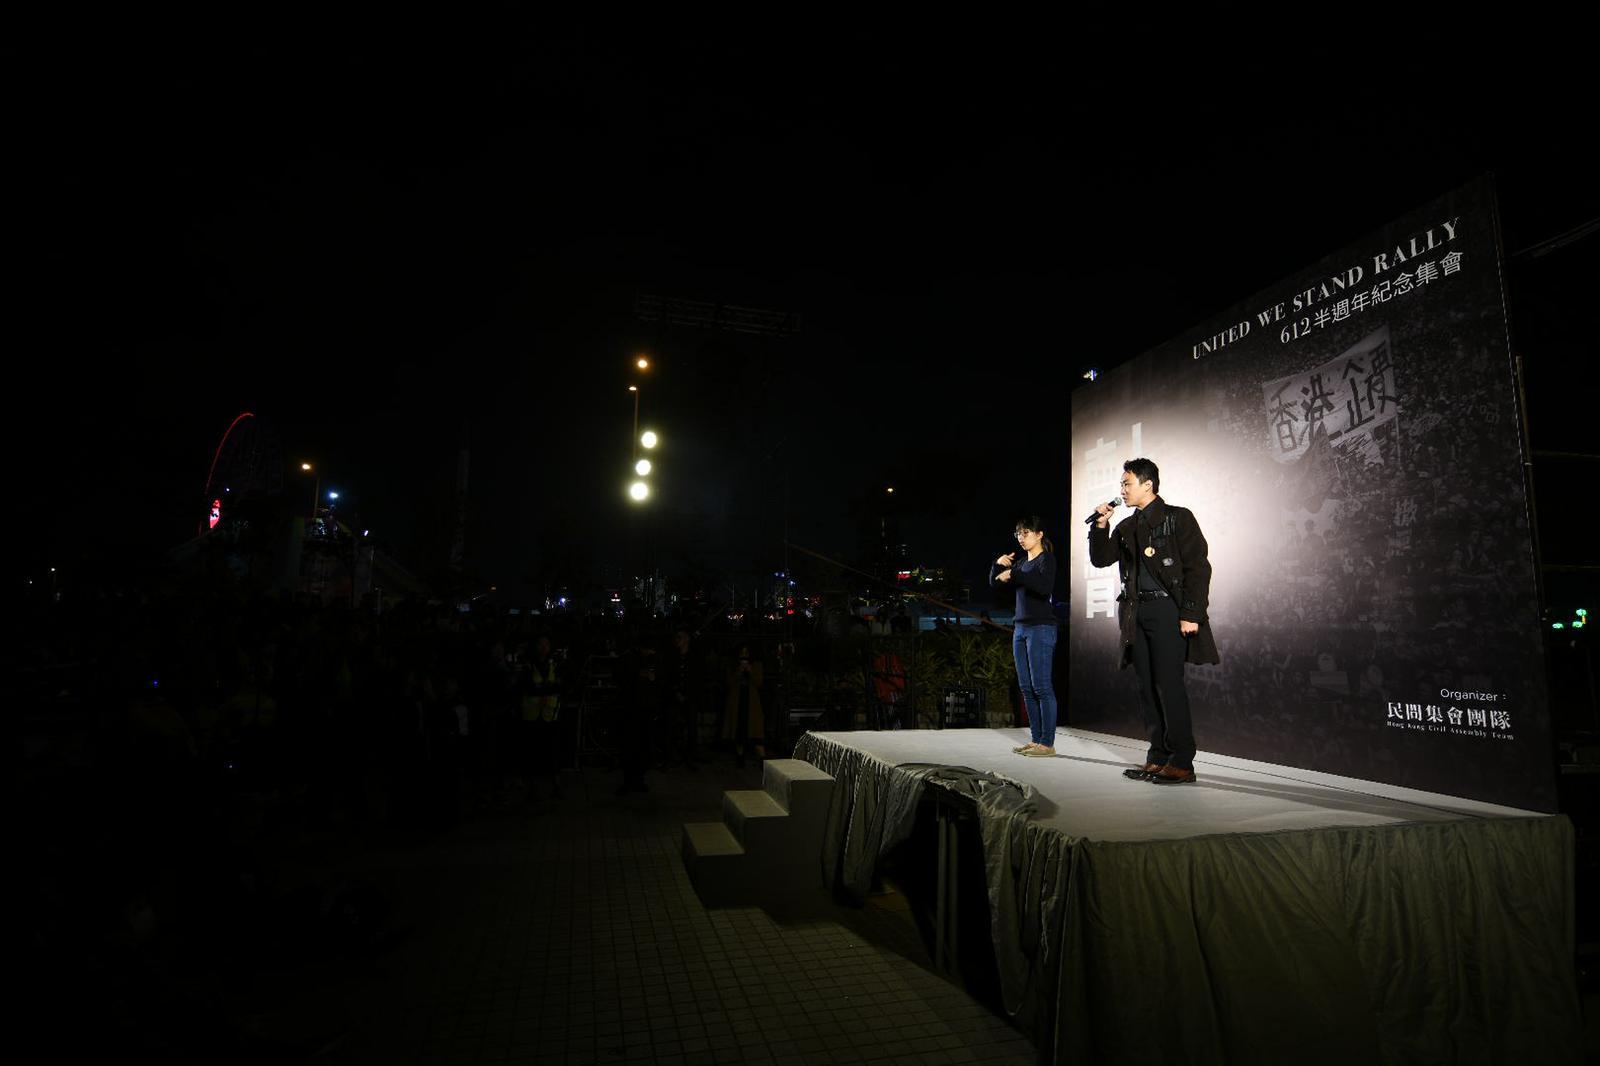 【修例風波】6月12日衝突半周年集會 大會稱4.3萬人參與